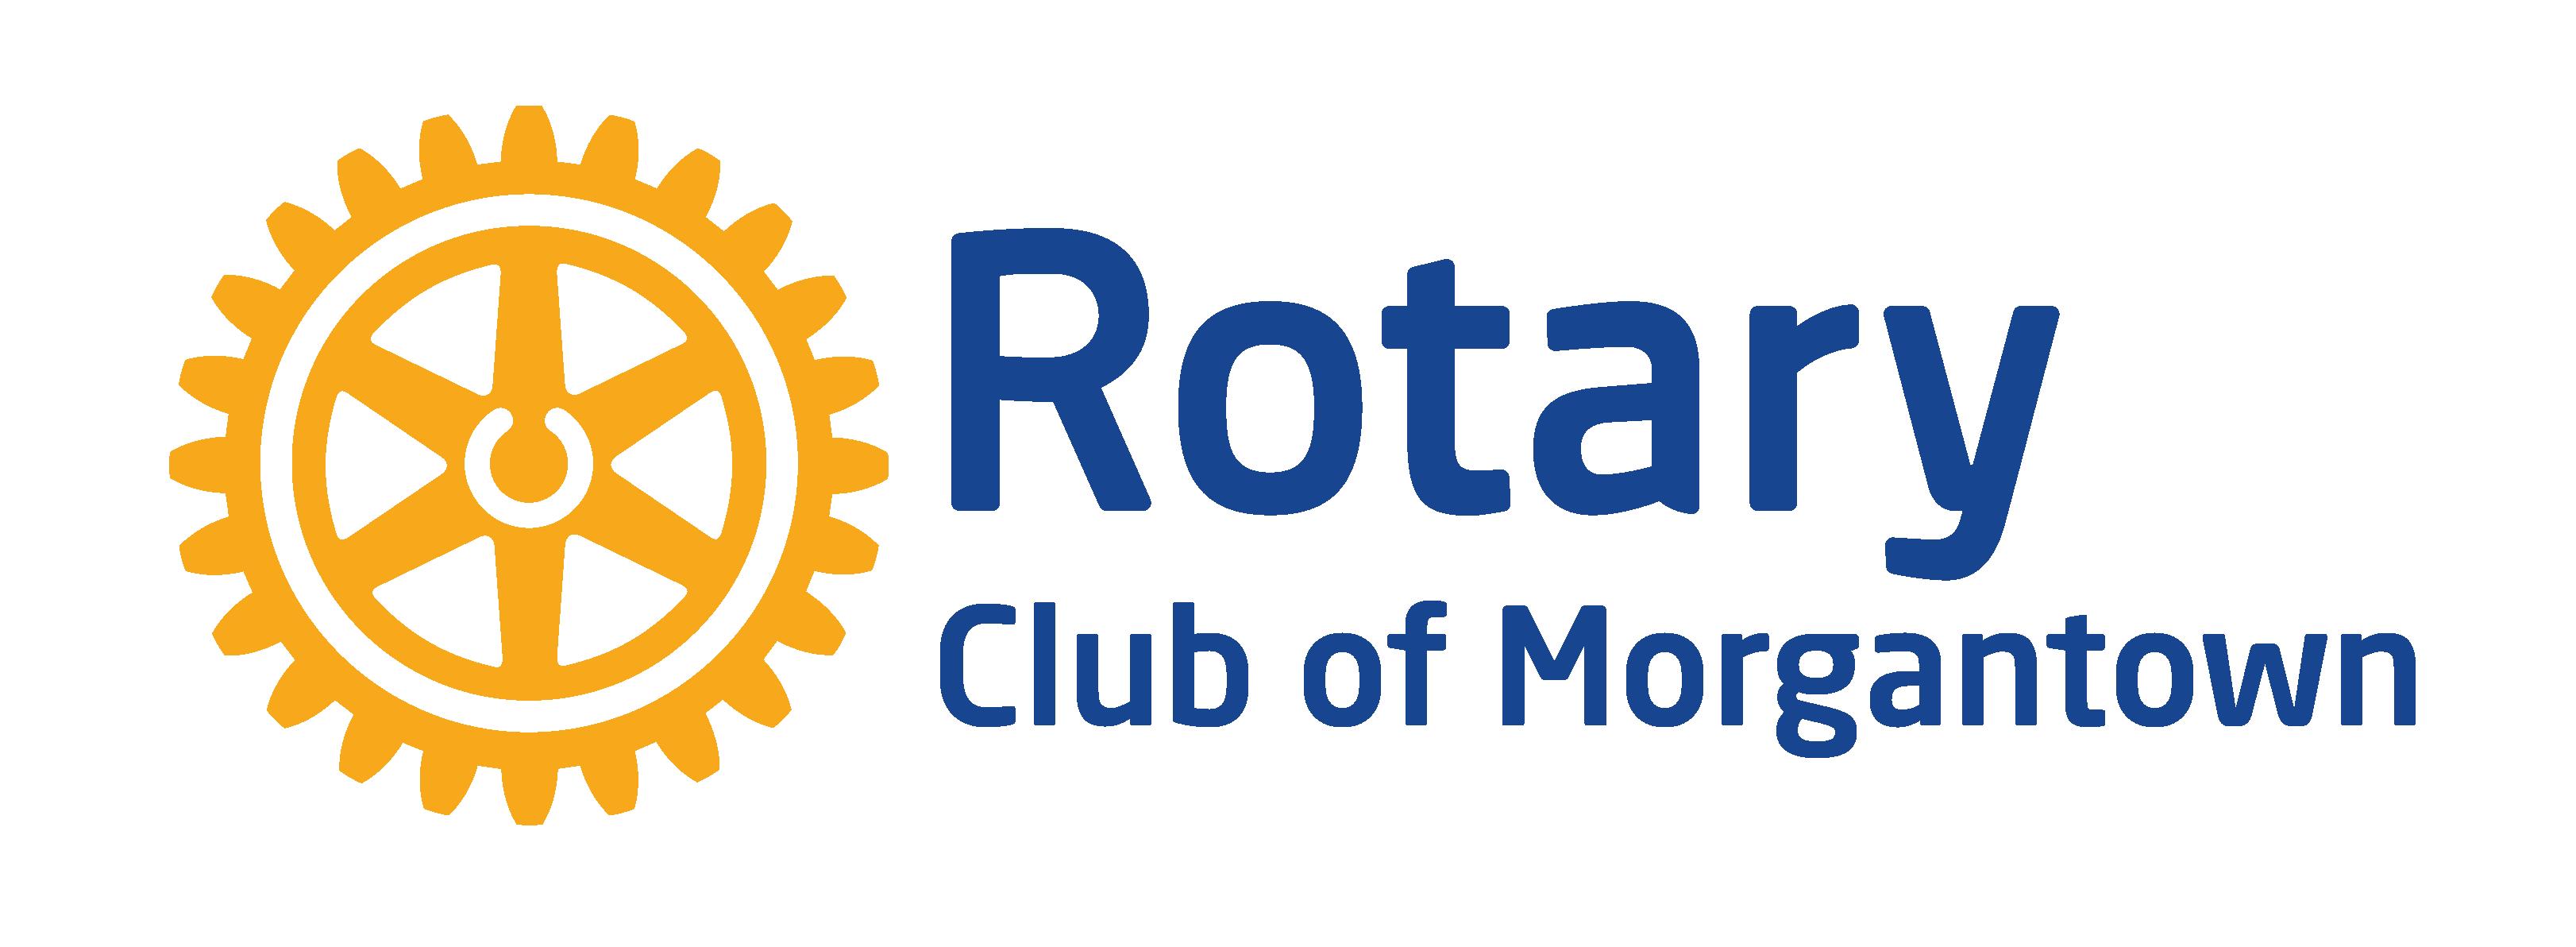 Rotary Club of Morgantown